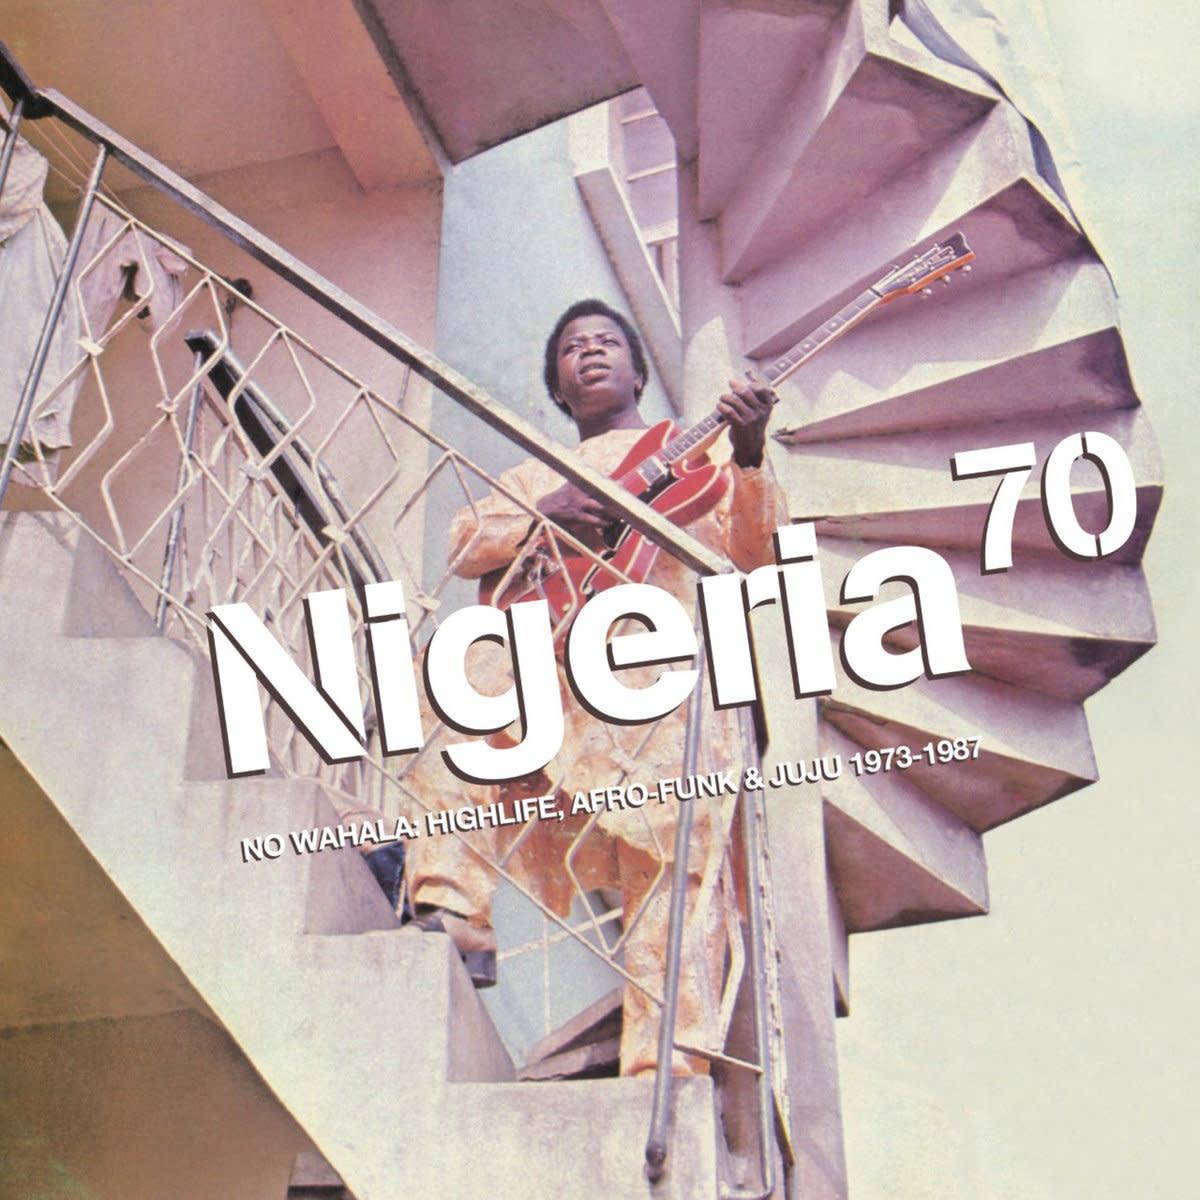 Artistes Variés • Nigeria 70, No Wahala: Highlife, Afro-Funk & Juju 1973-1987-1